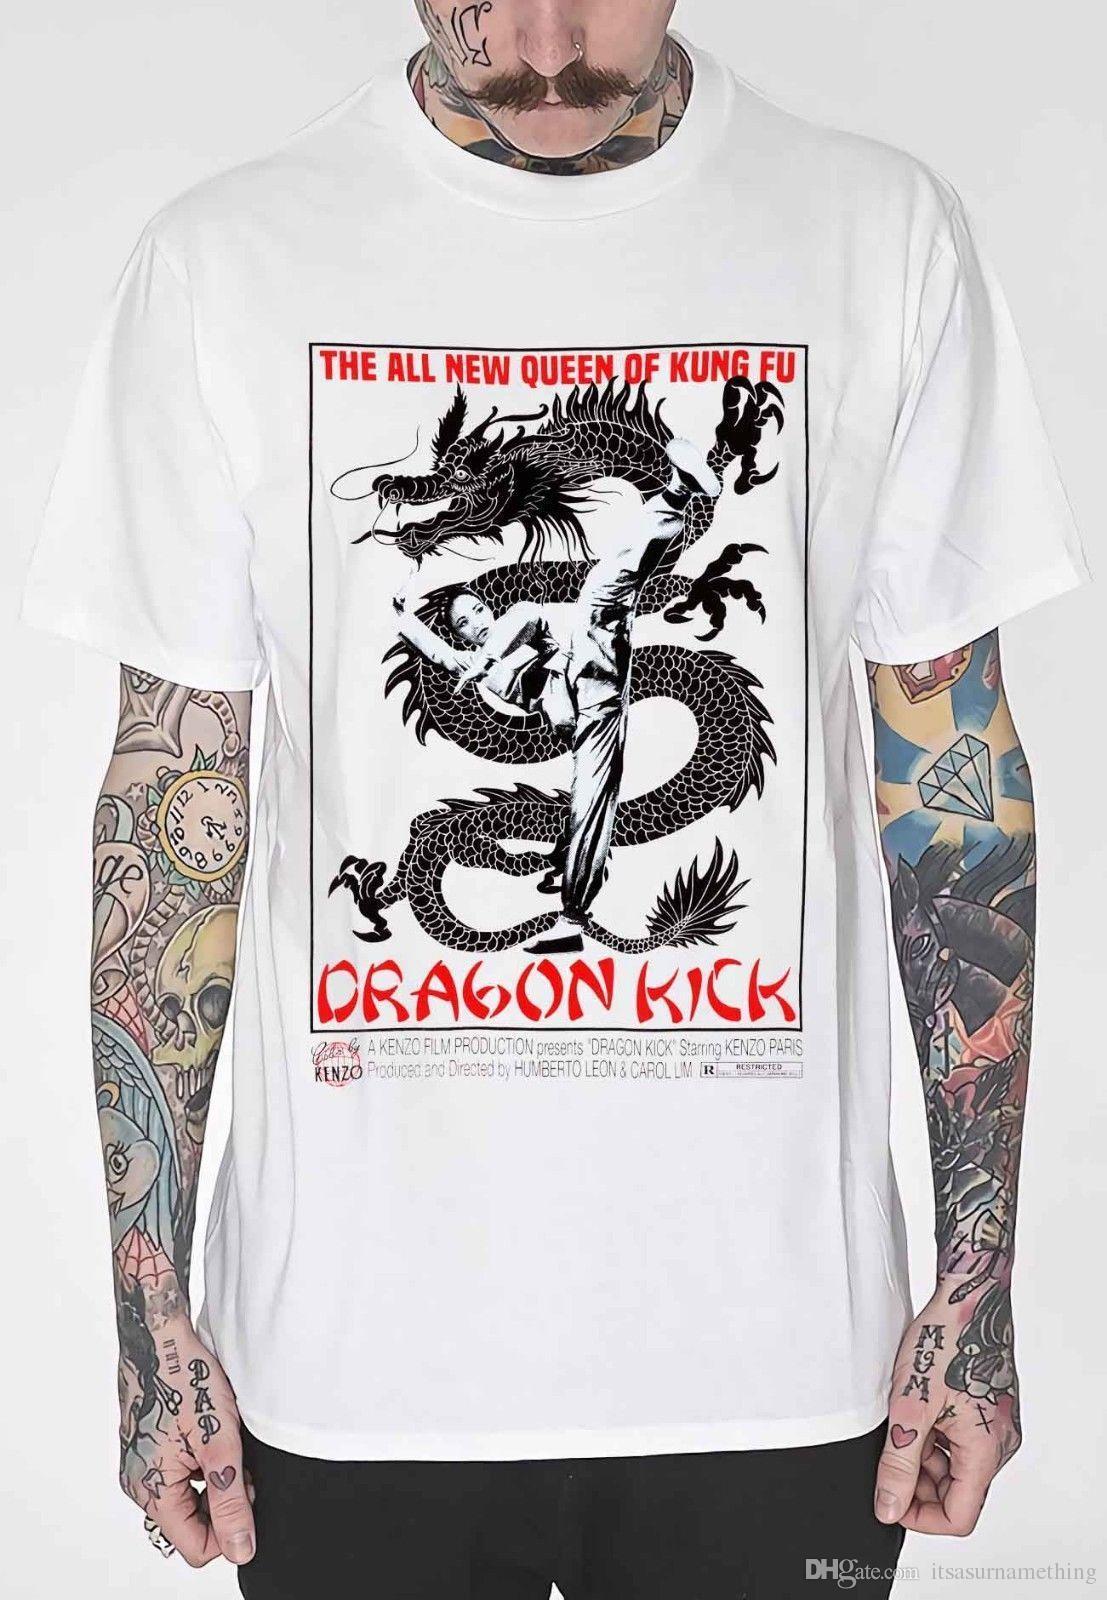 28ddf57fe New Cheap T Shirt Dragon Kick Movie Posters All Men'S Size S.M.L.XL.XXL.3XL T  Shirt Men Short Sleeve T Shirt Summer Cotton T Shirt Shirts T Funky T Shirts  ...